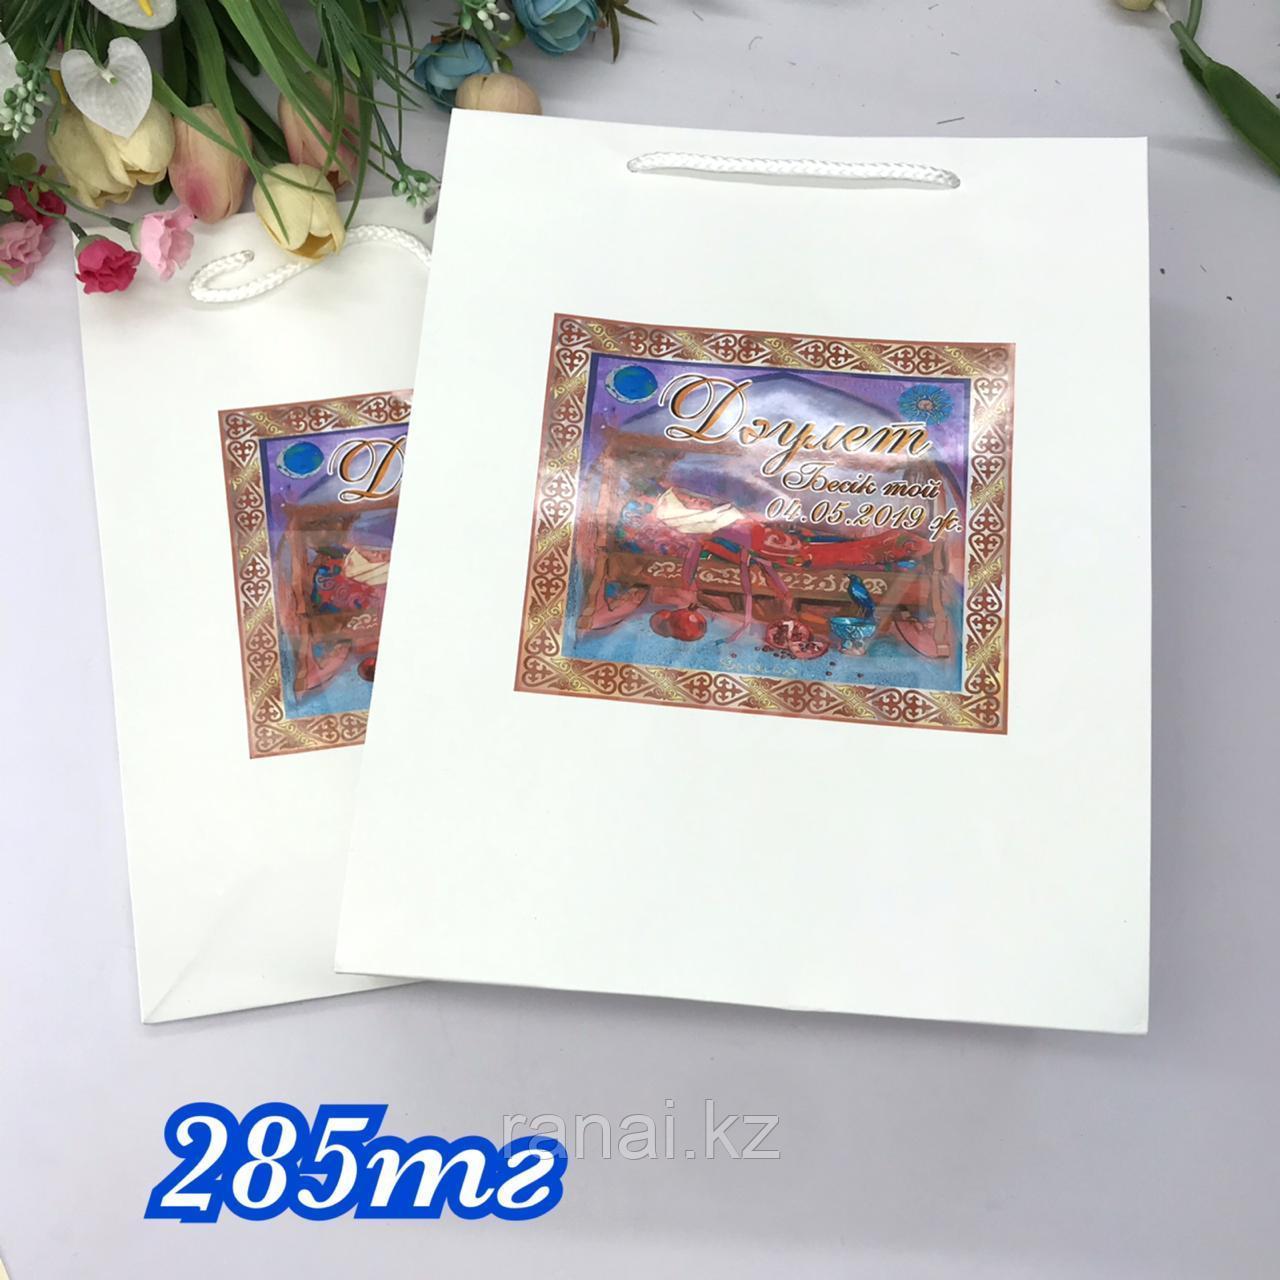 Бумажный пакет для тойбастара